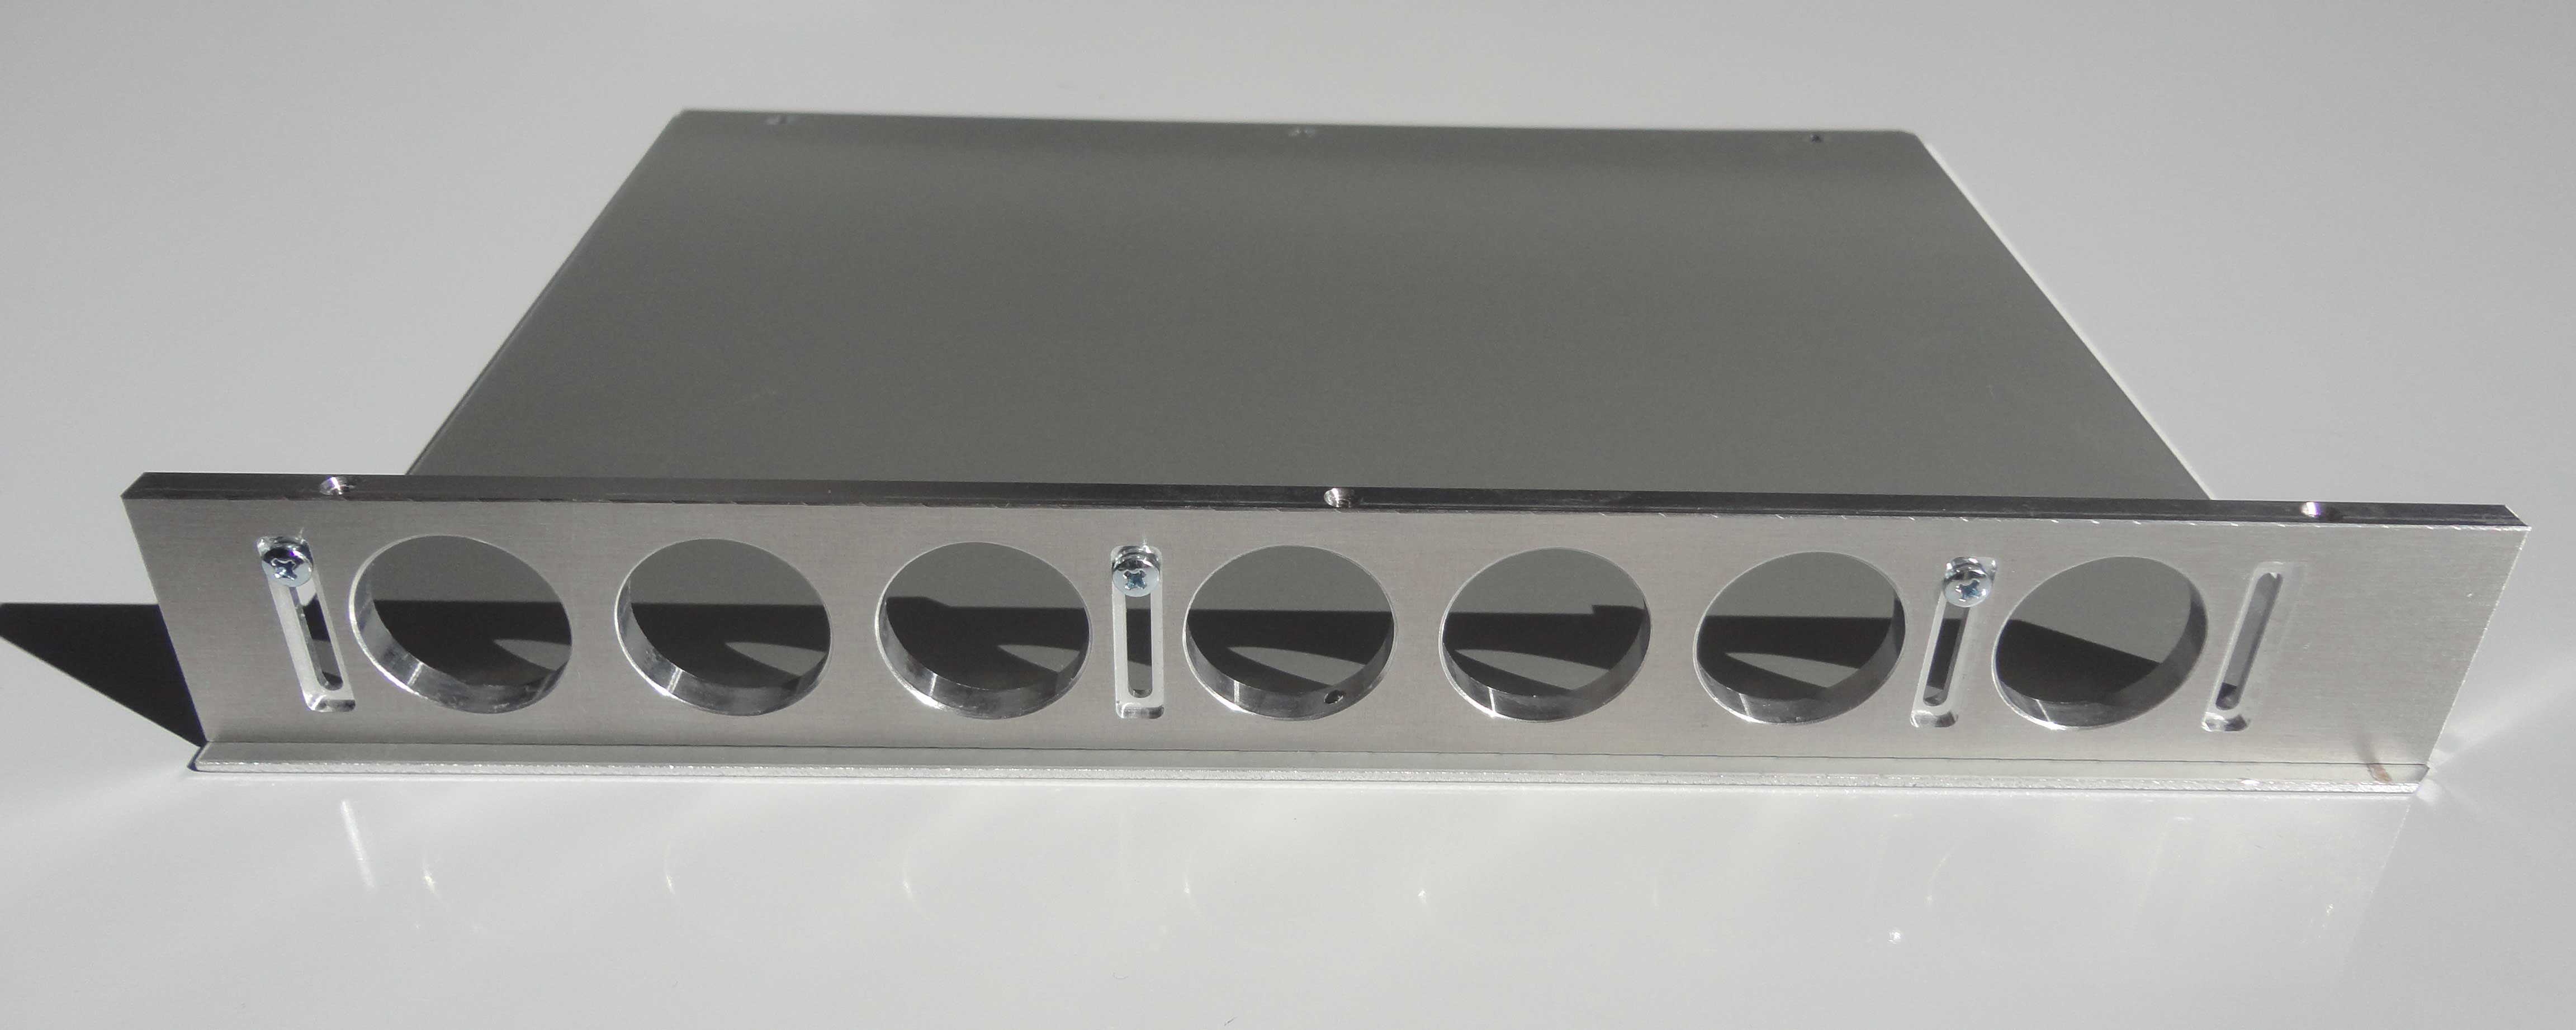 Montage flanc inferieur facade gauche tiroir NIM WIENER